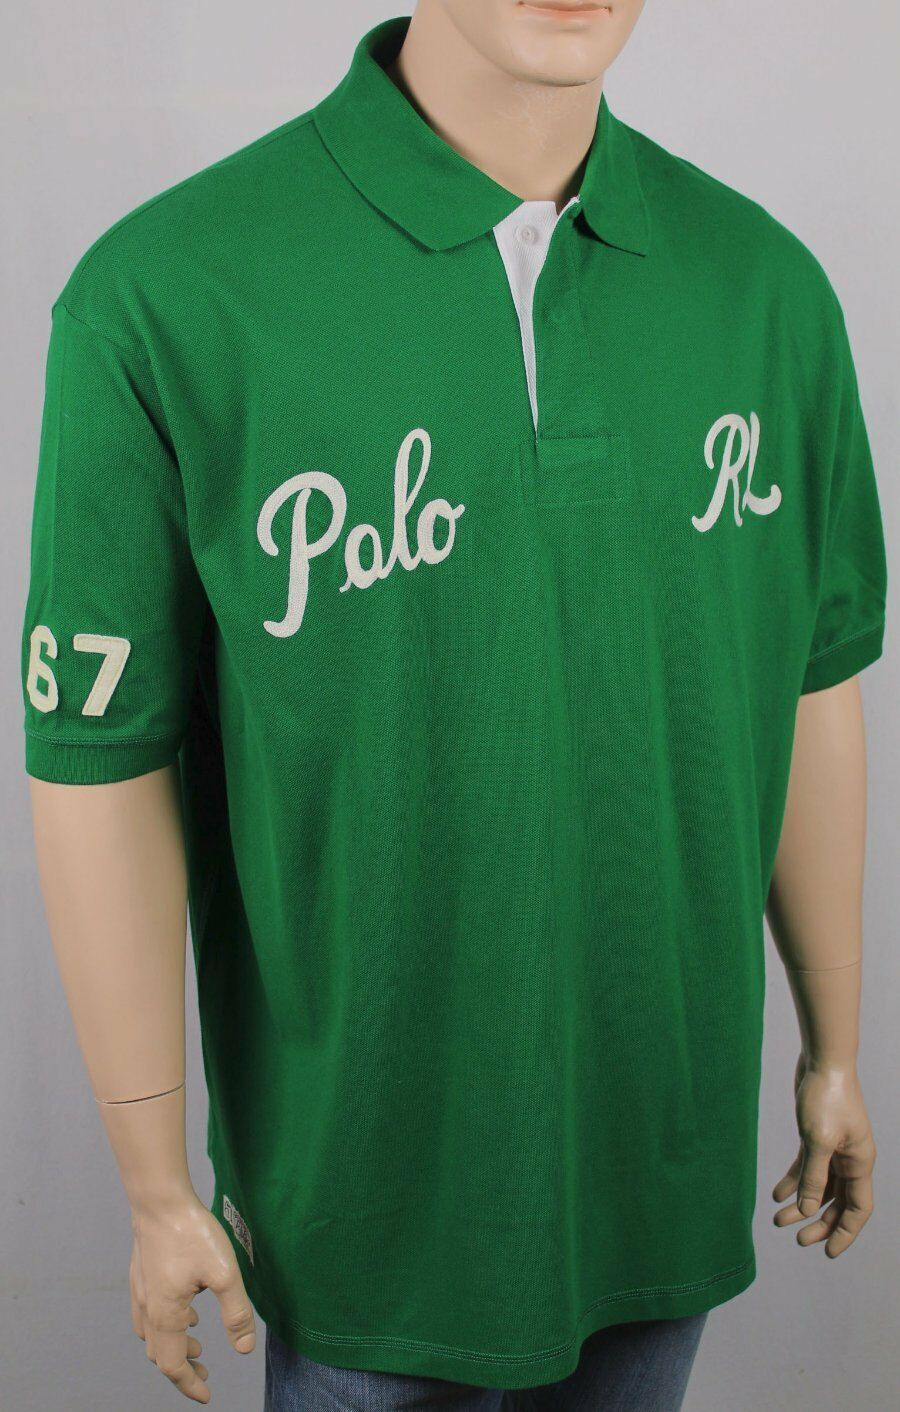 Polo Ralph Lauren Green POLO RL Classic Fit Mesh Shirt NWT